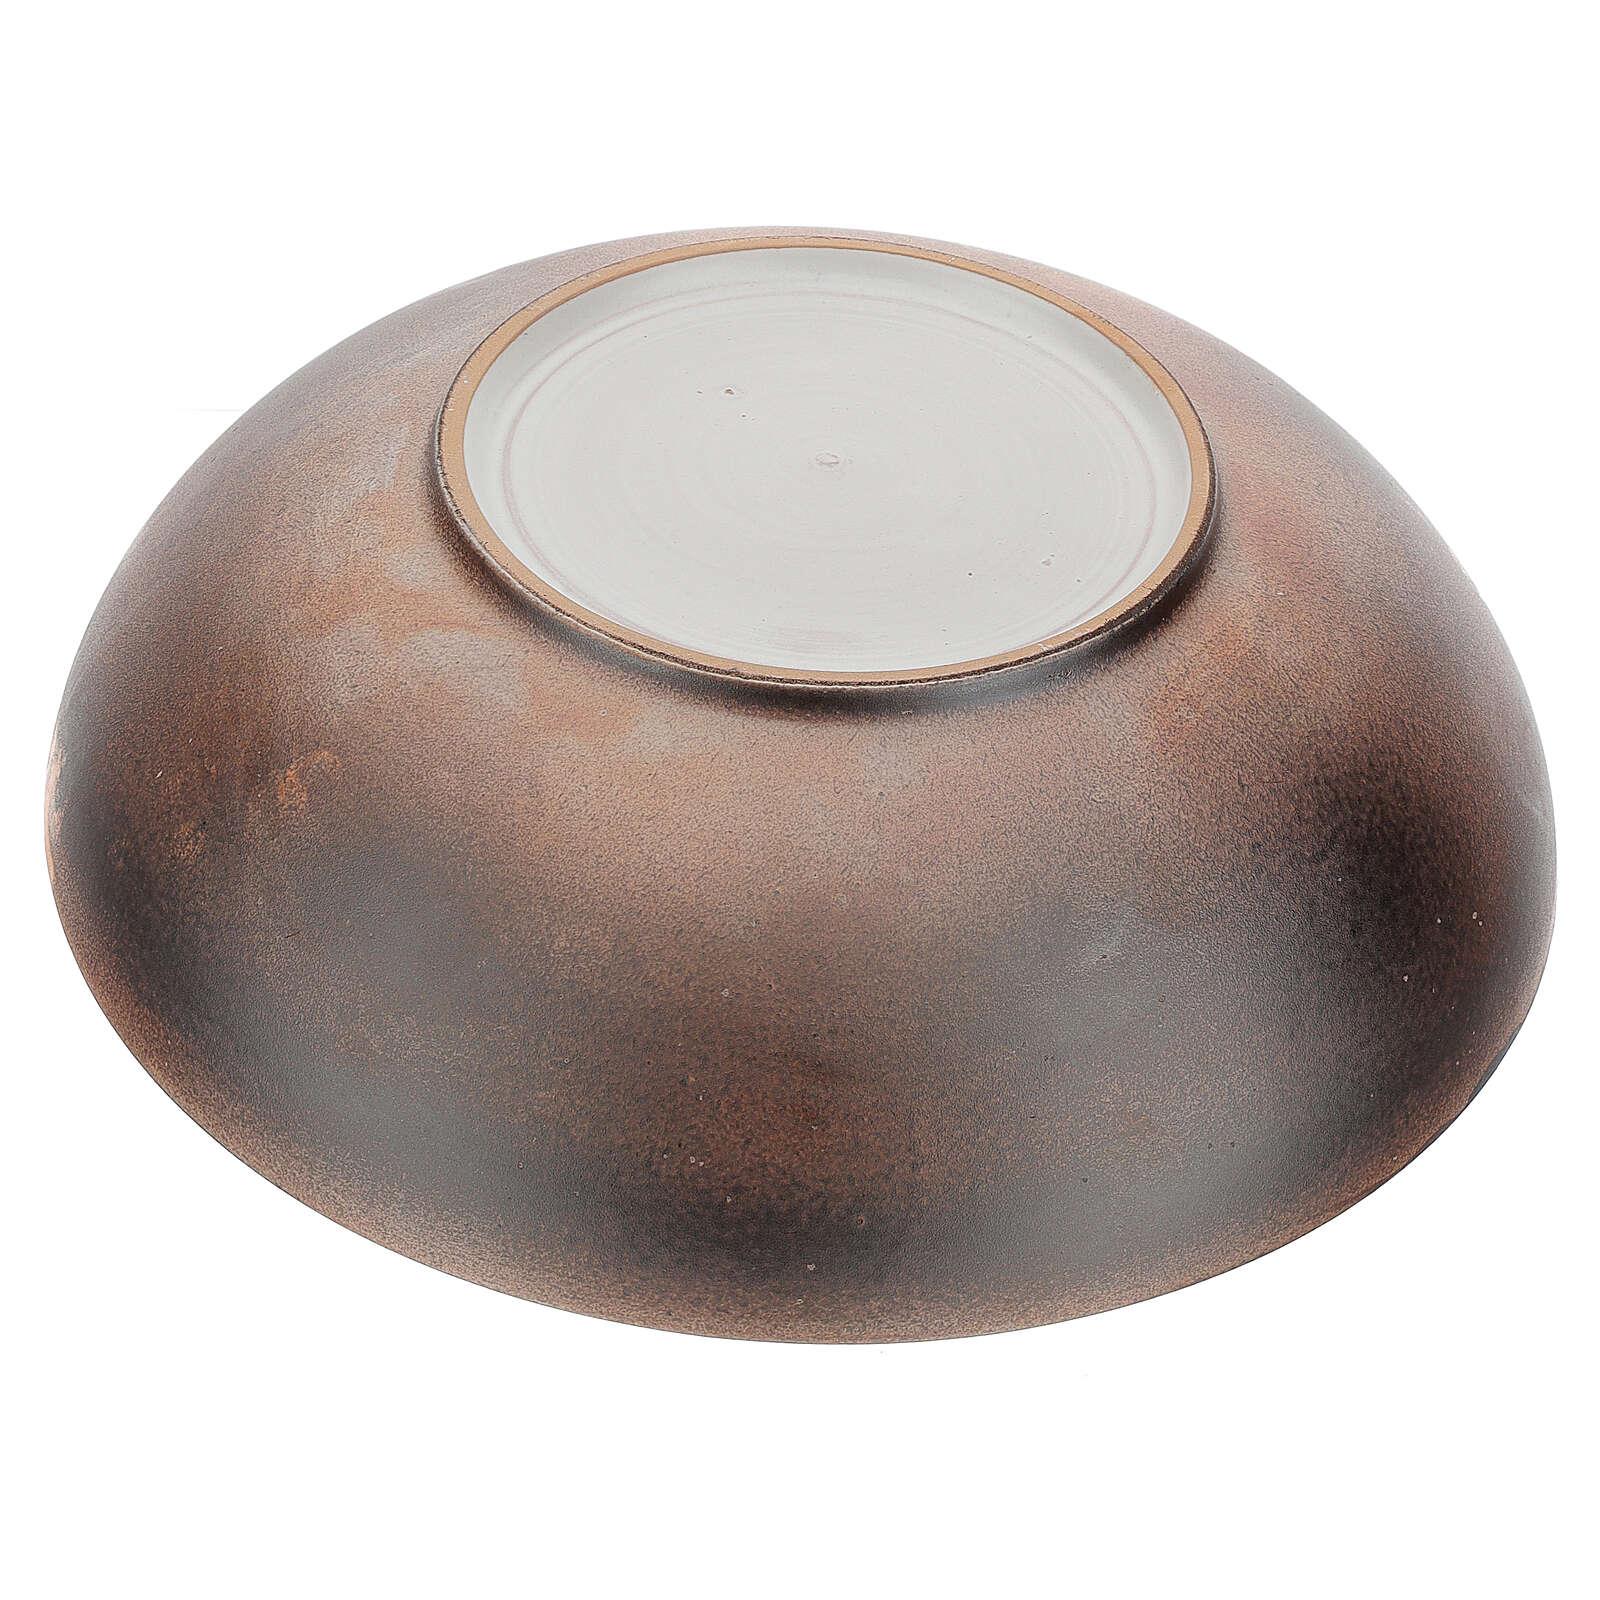 Concave basin, Pompei ceramic, 30 cm 3